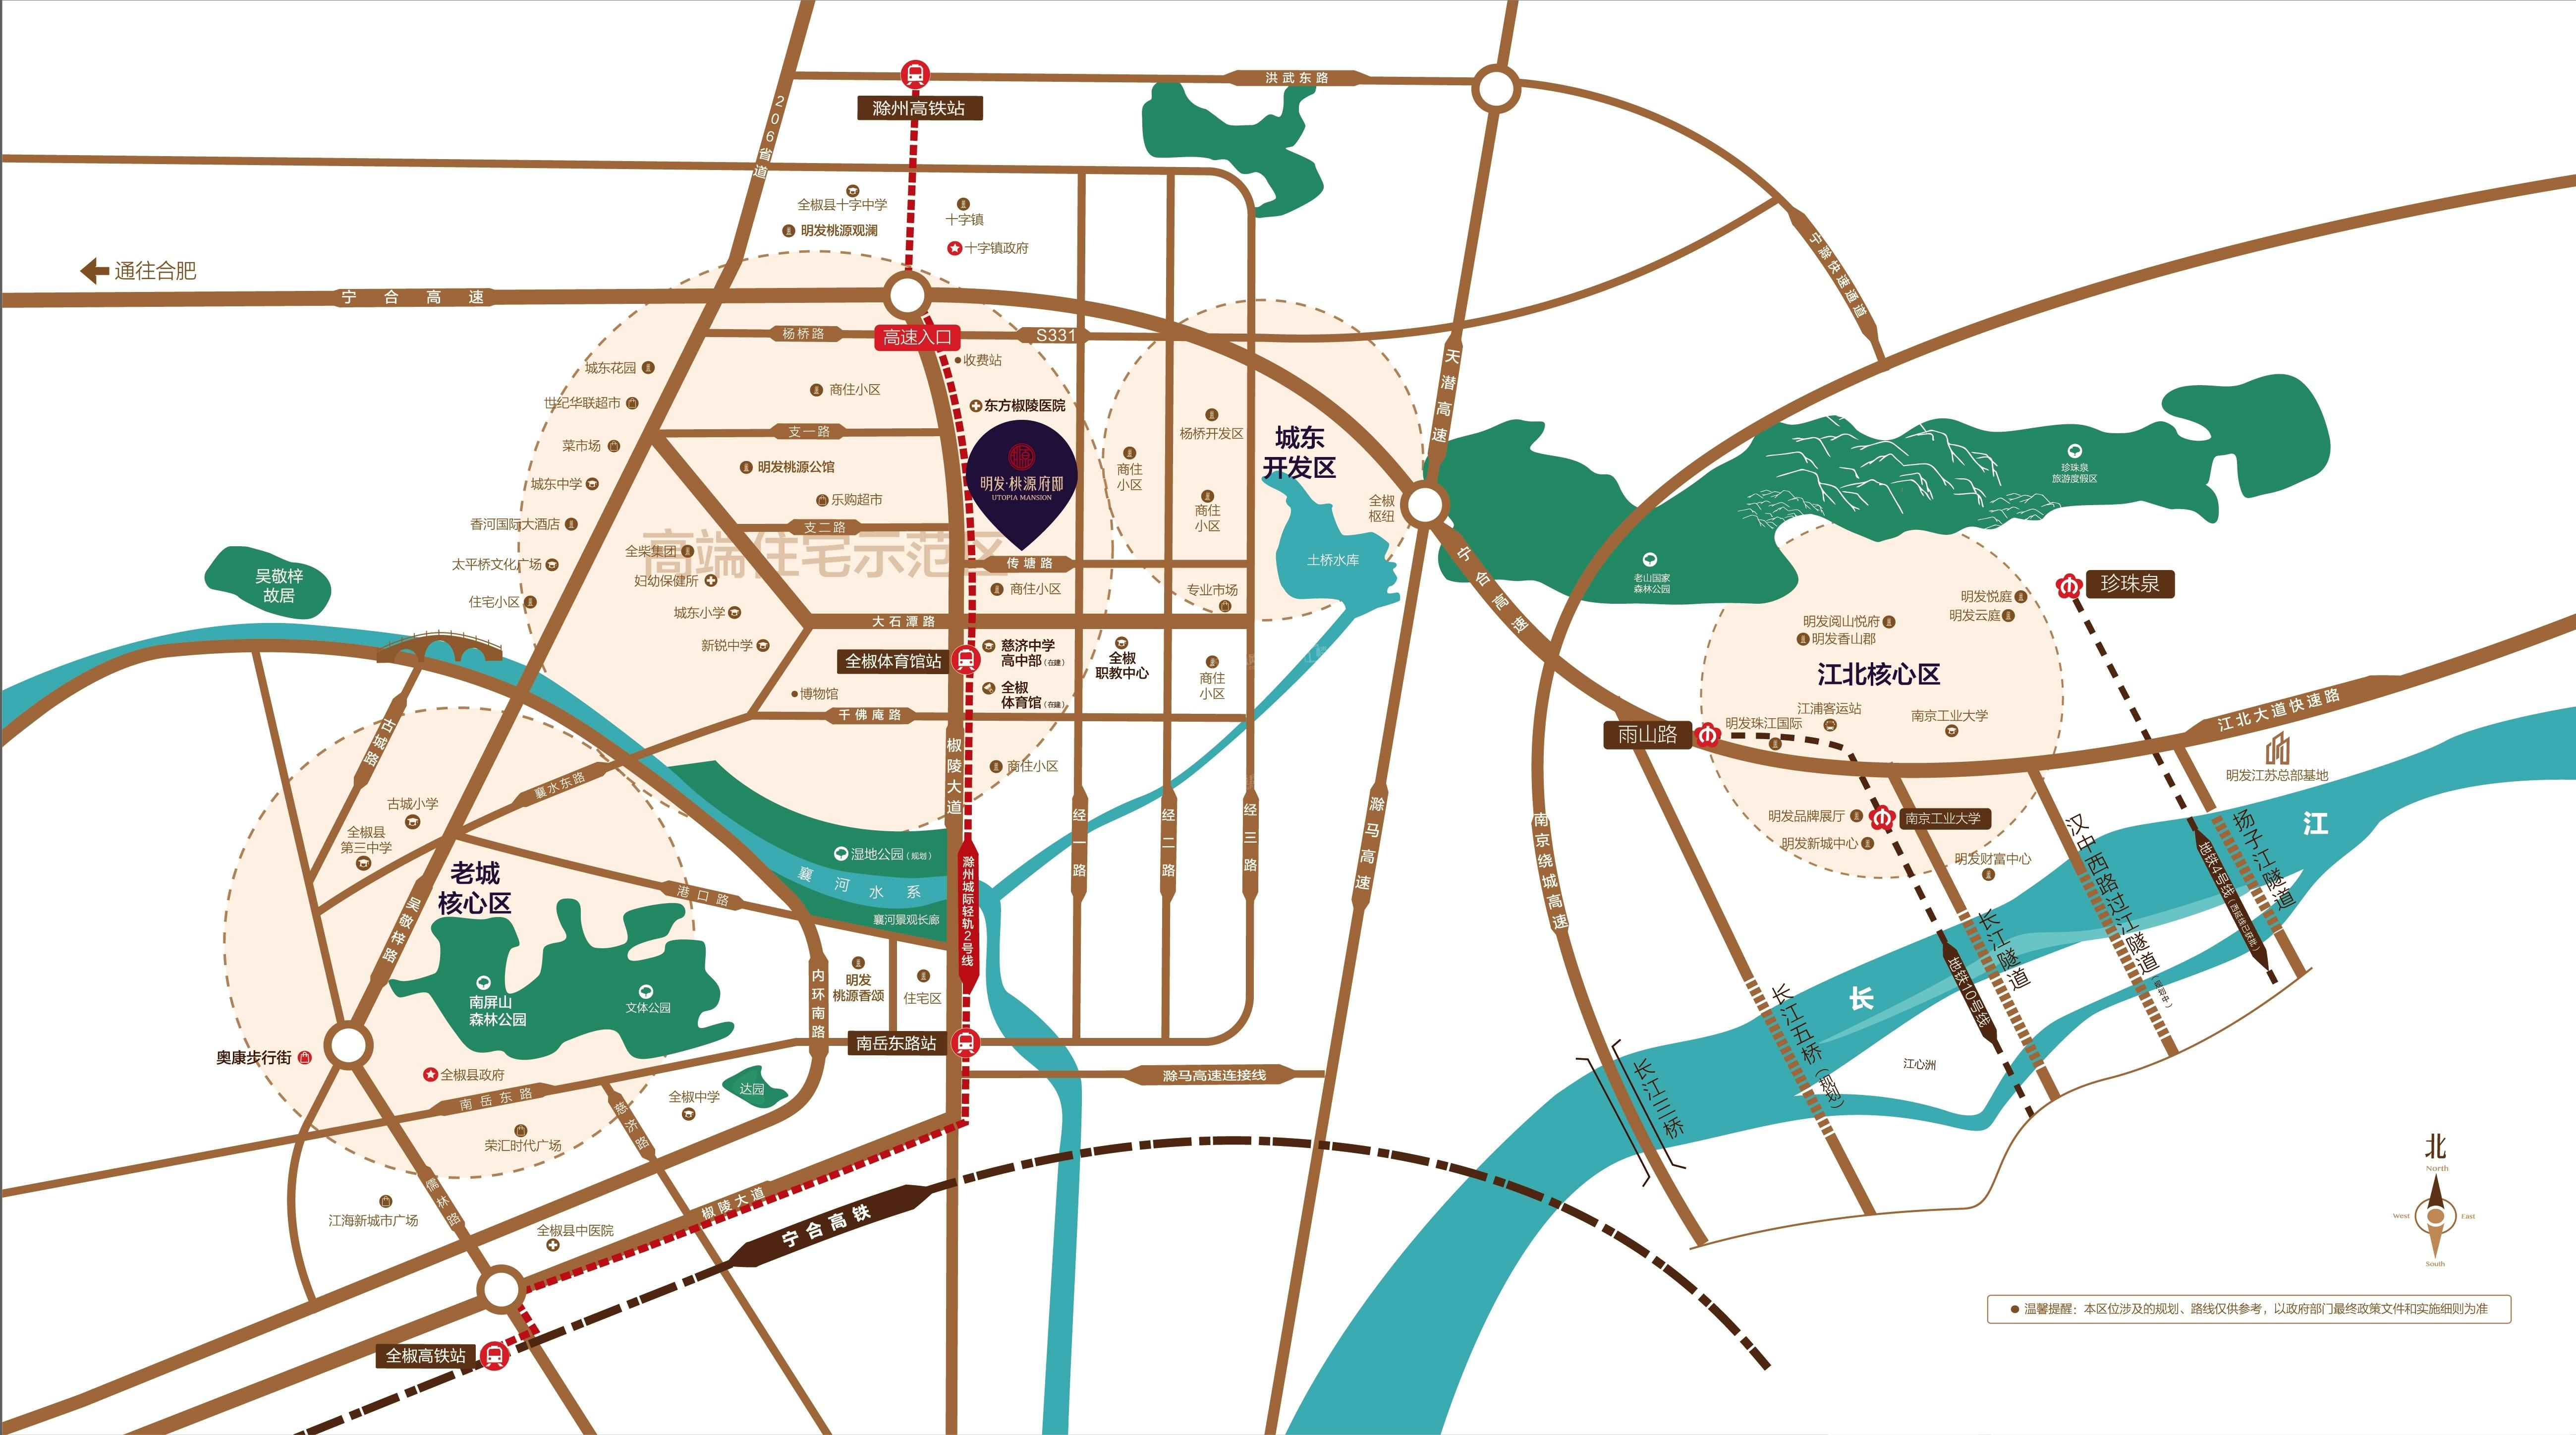 宁滁恒大国际健康城位置图